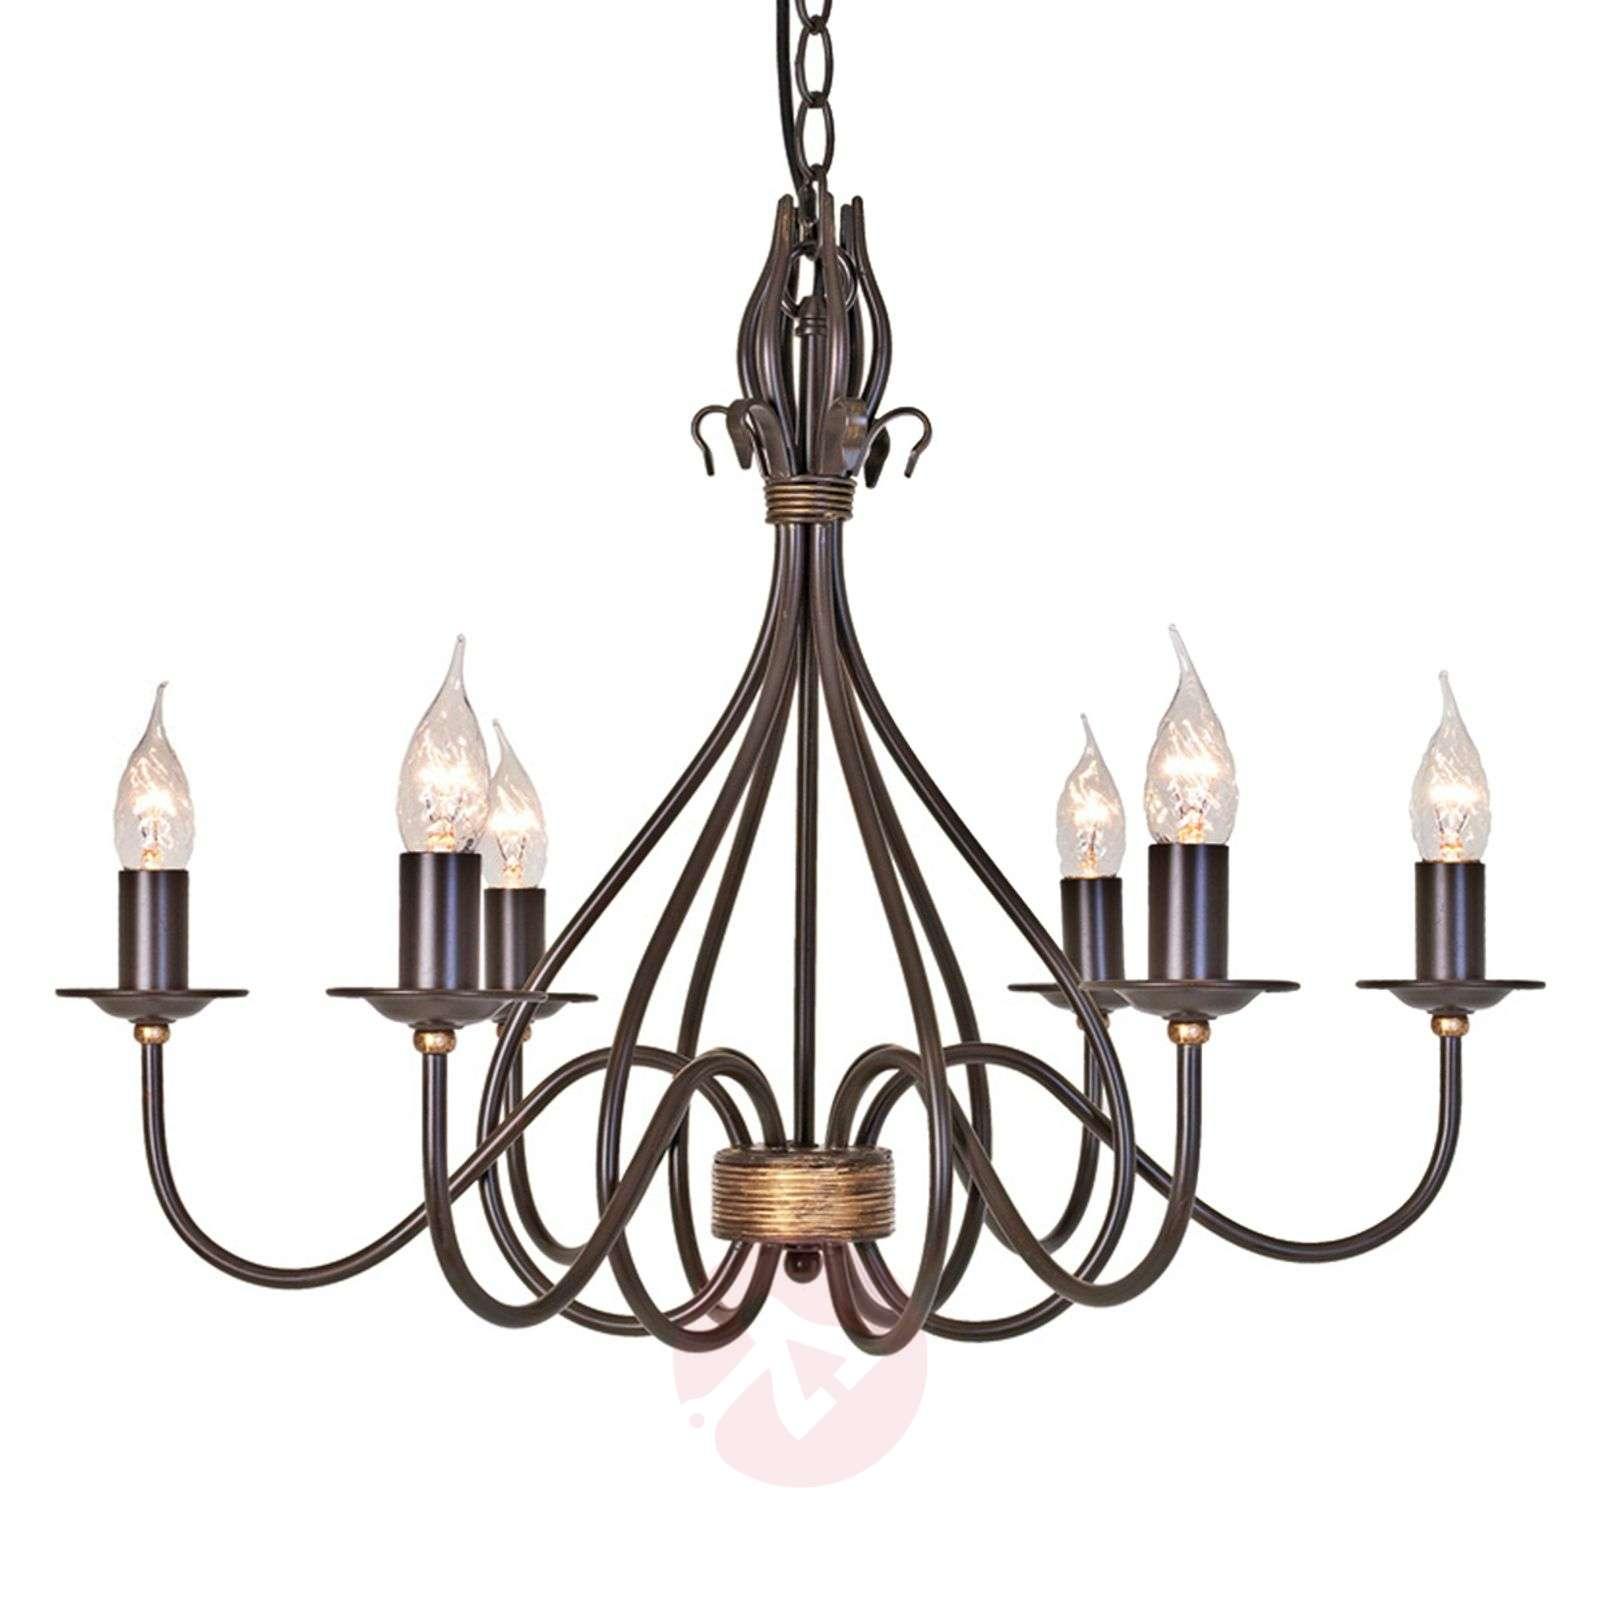 Rustiikkinen WINDERMERE-riippuvalaisin, 6 lamppua-3048043-01